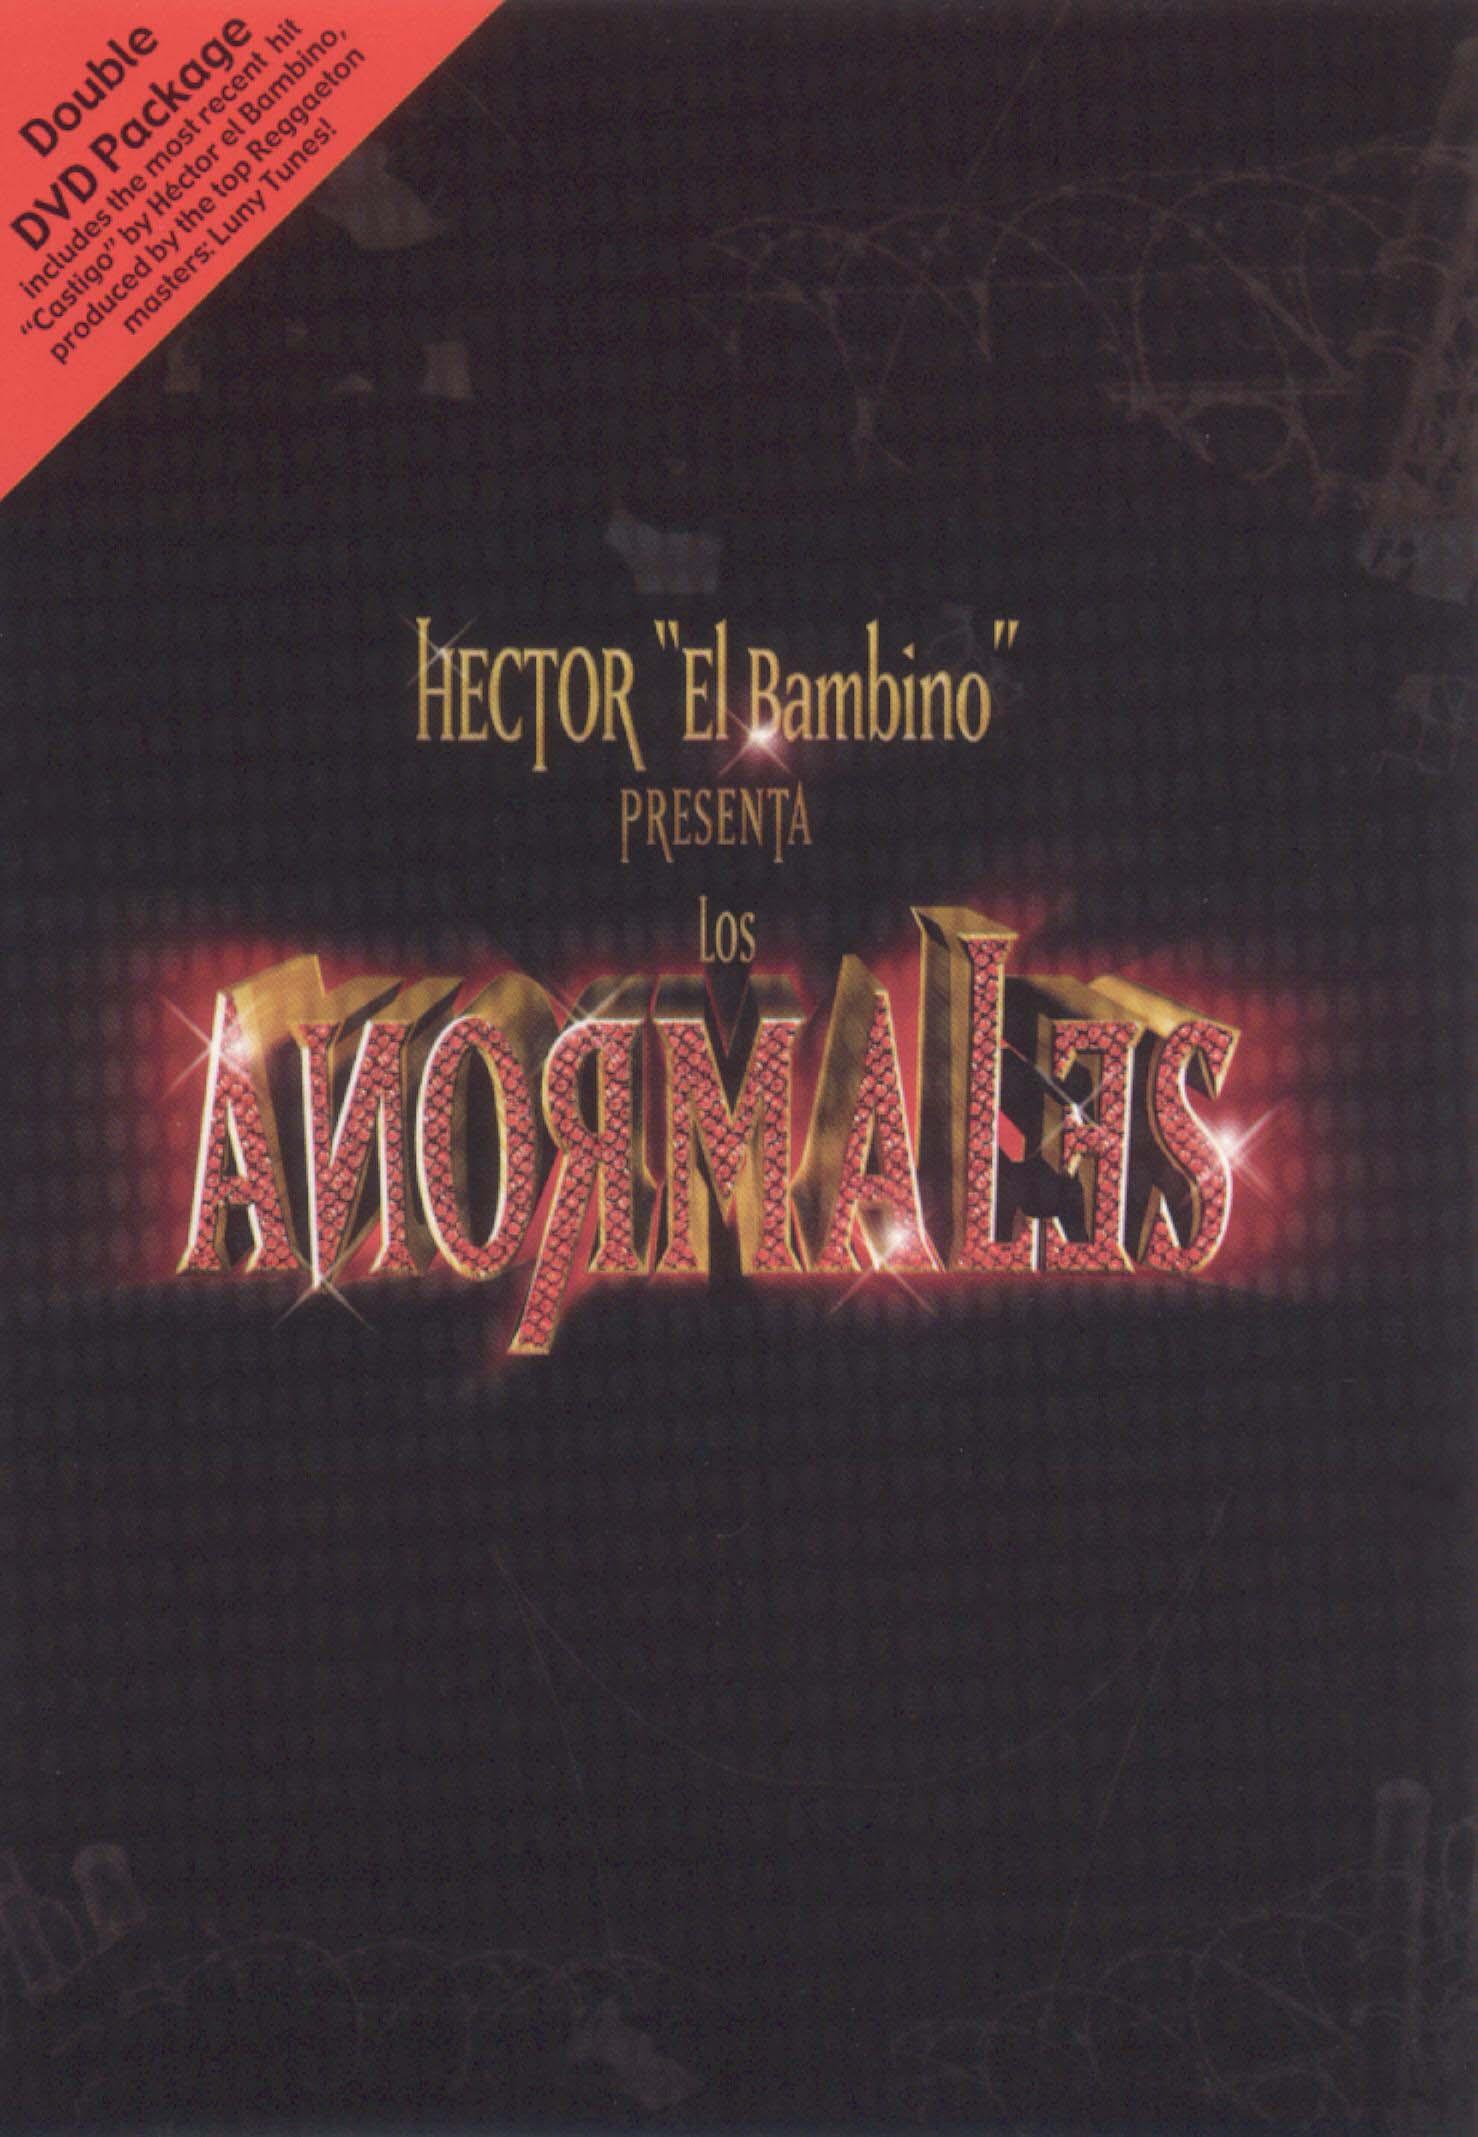 Hector El Bambino Presenta Los Anomarles